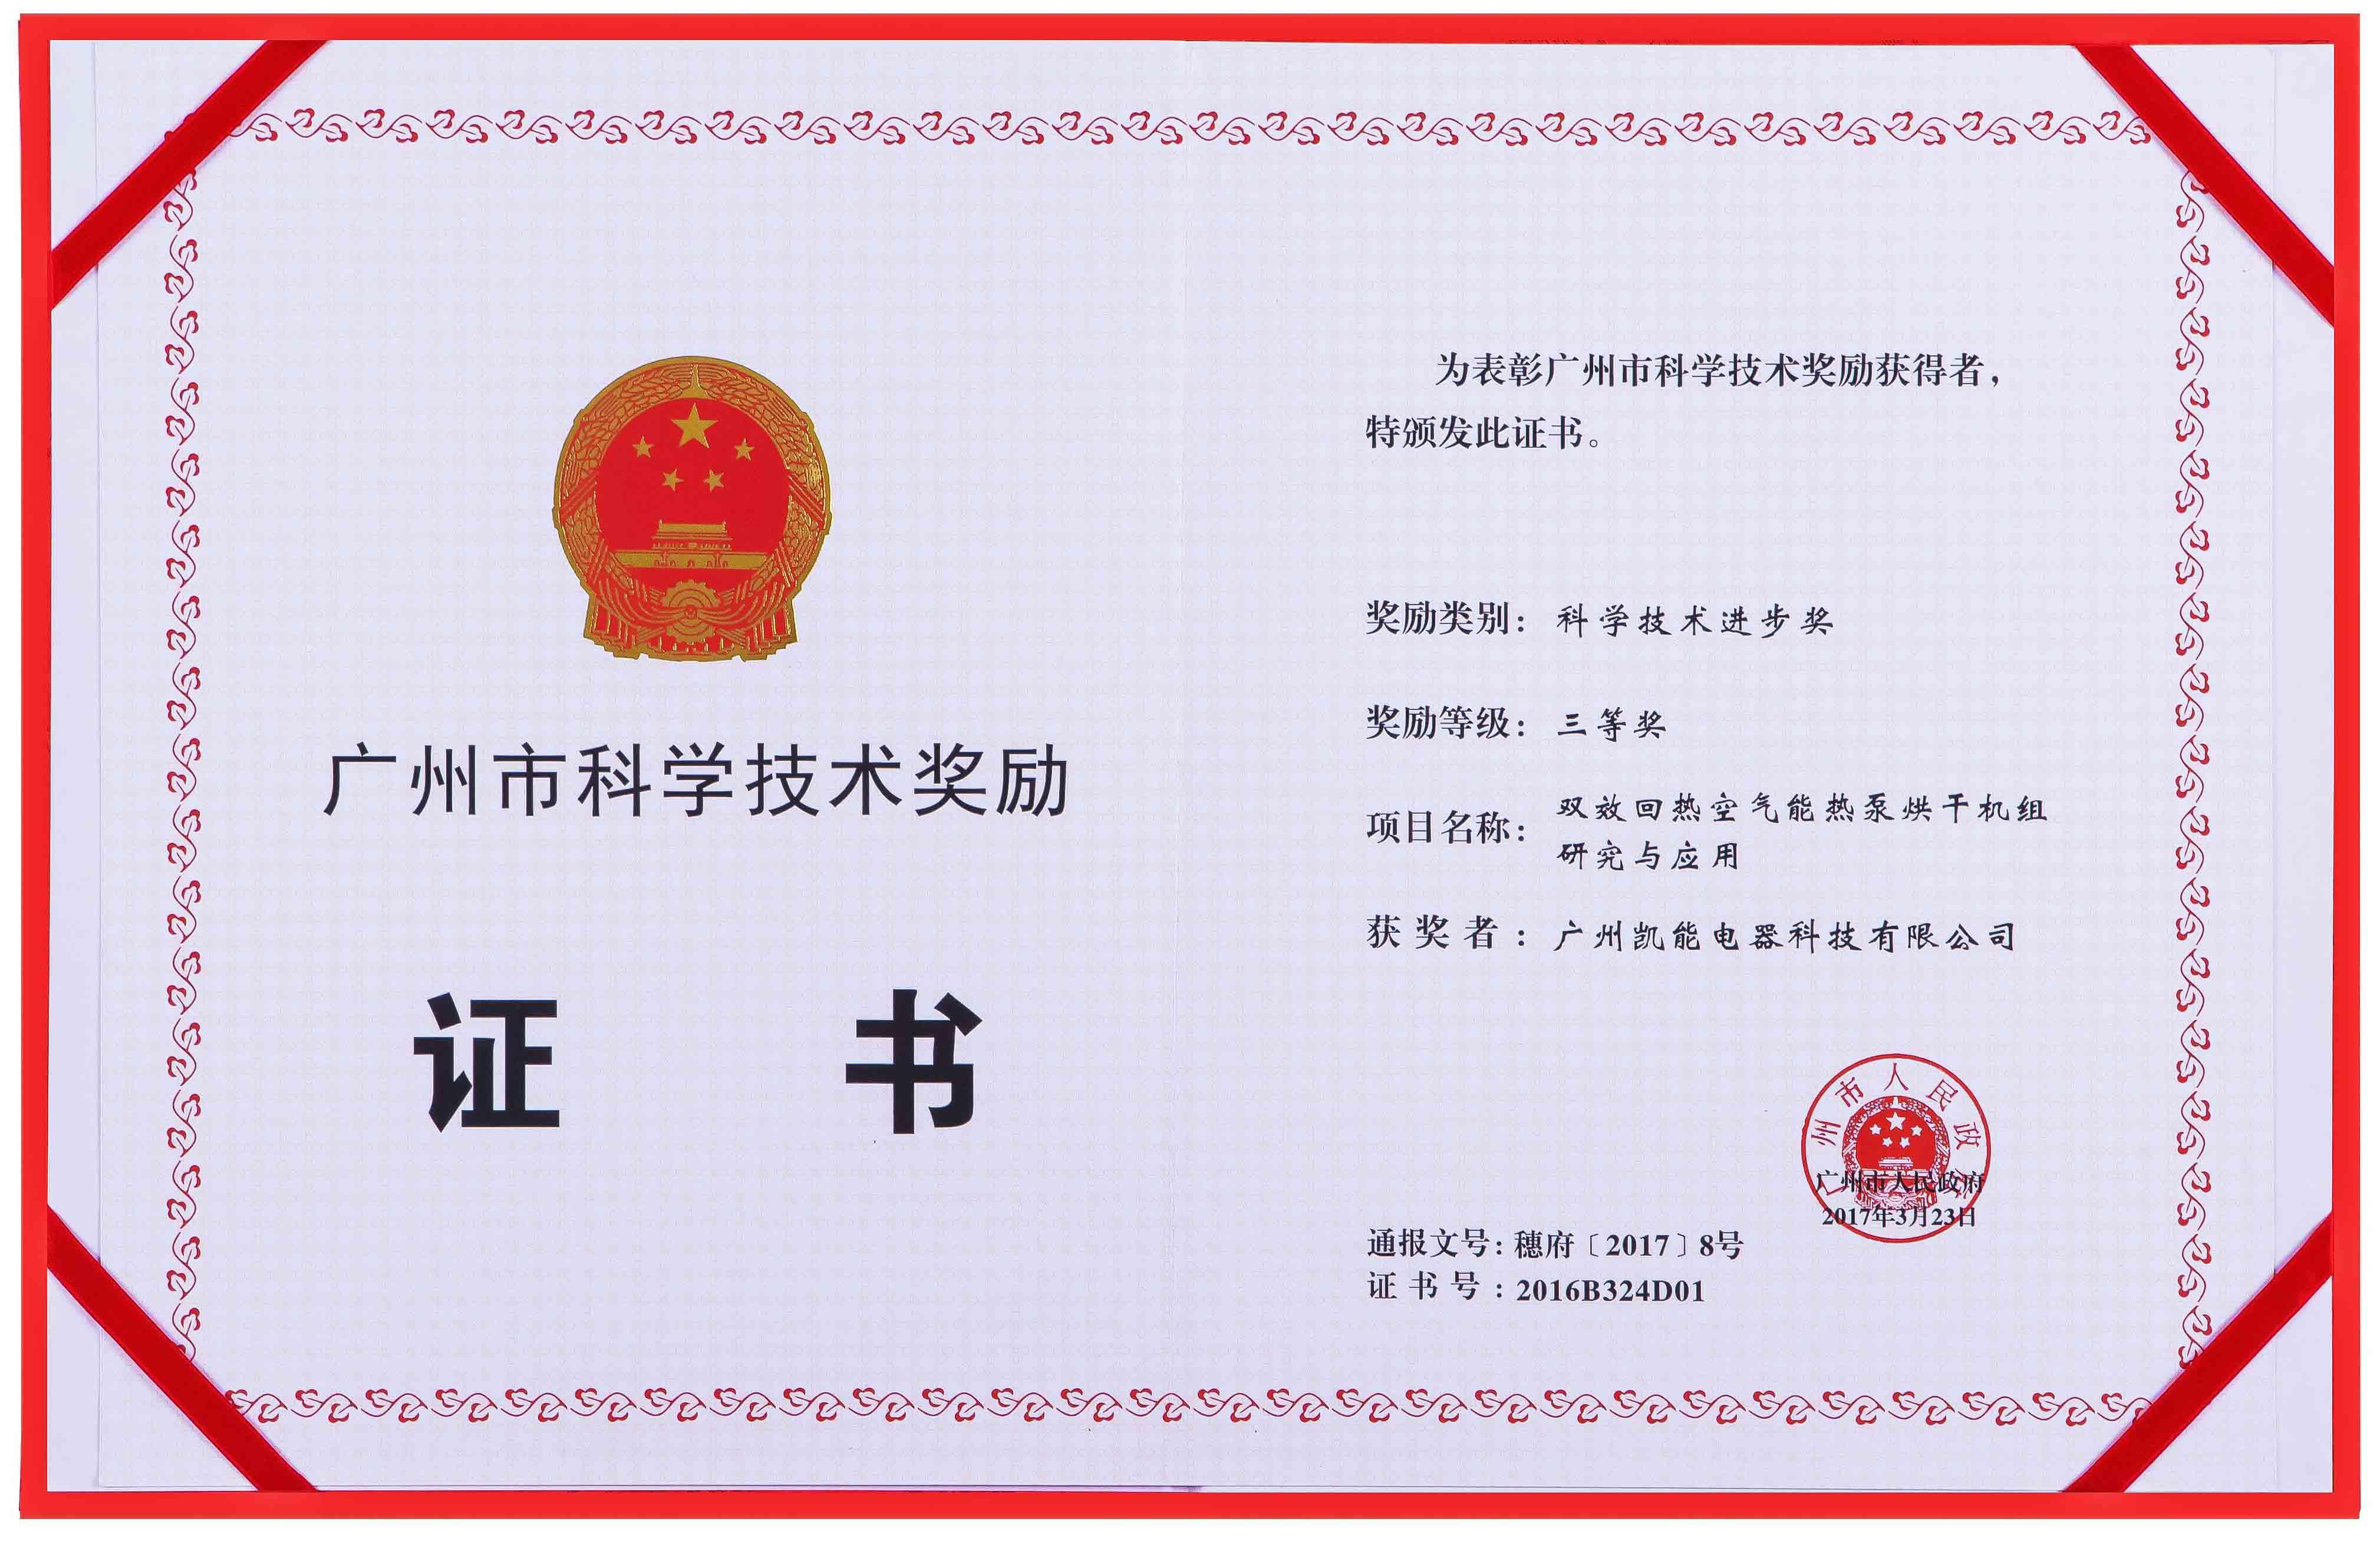 廣州市科學技術獎勵